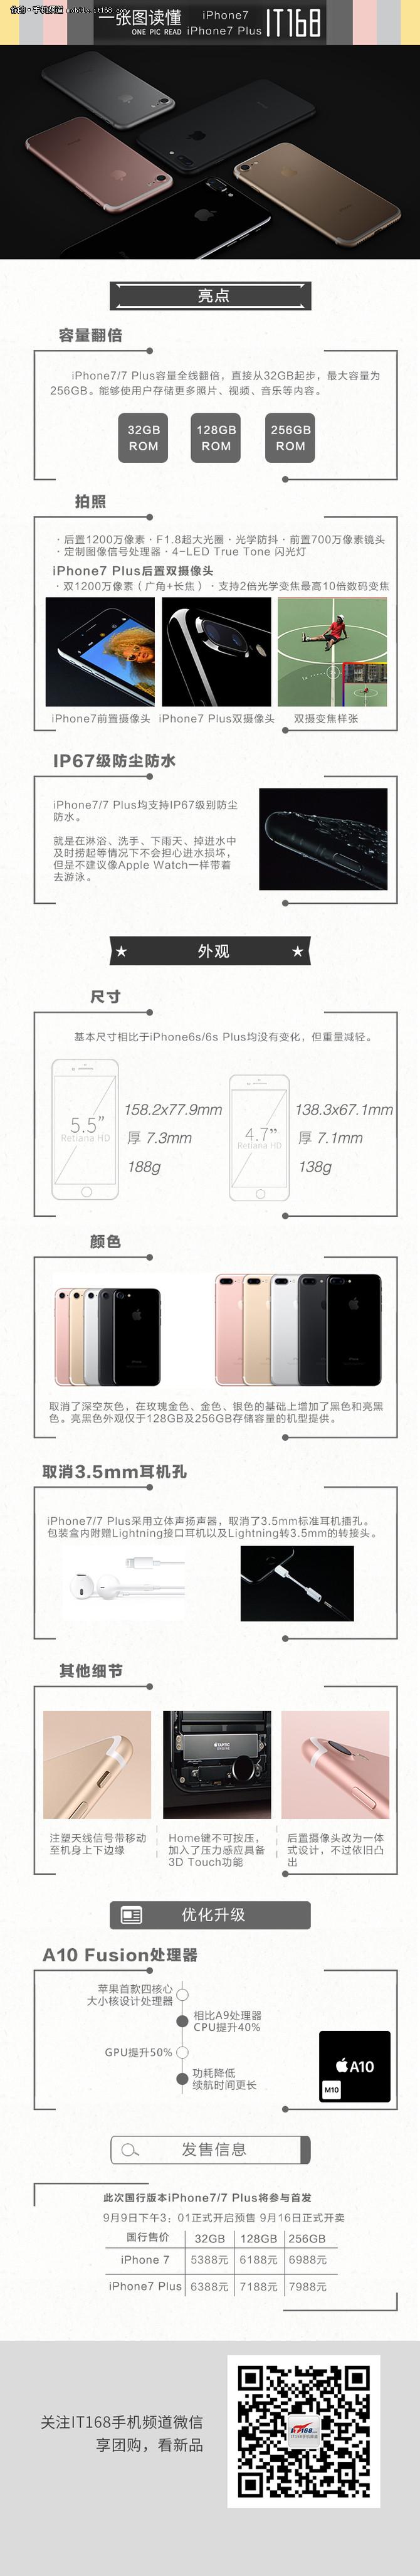 新增双摄+双色 一张图读懂iPhone7